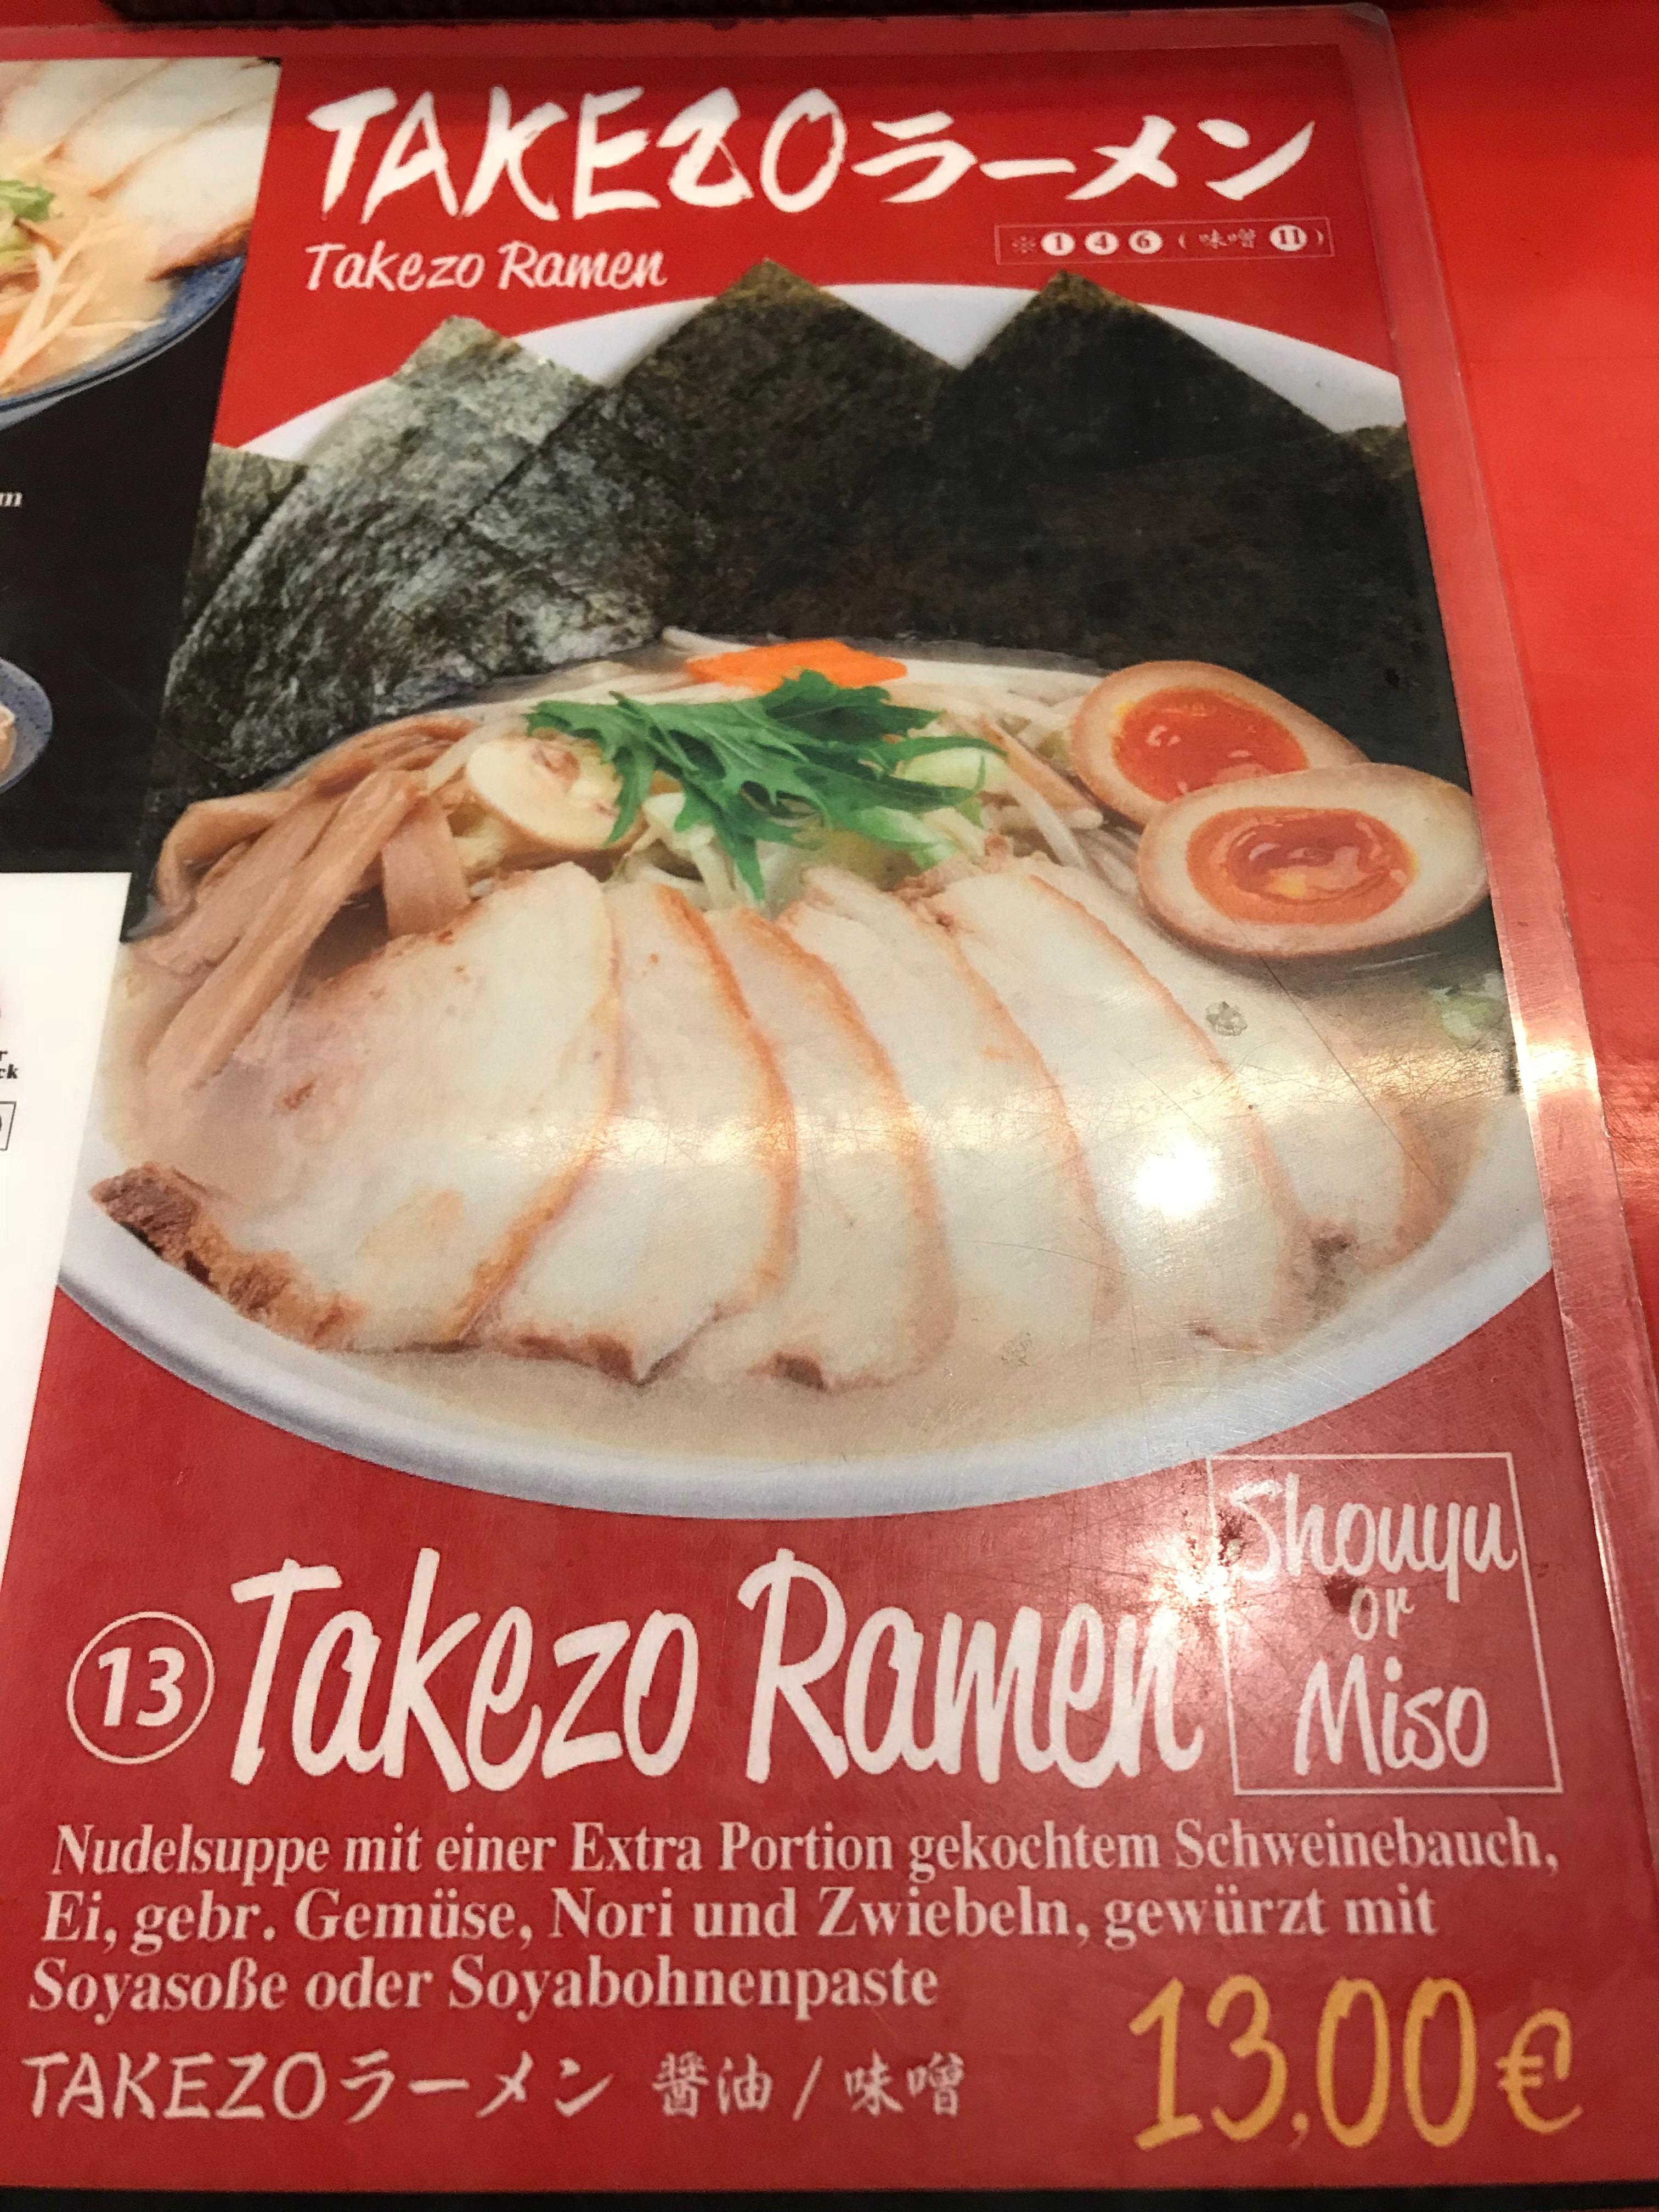 Takezo Ramen